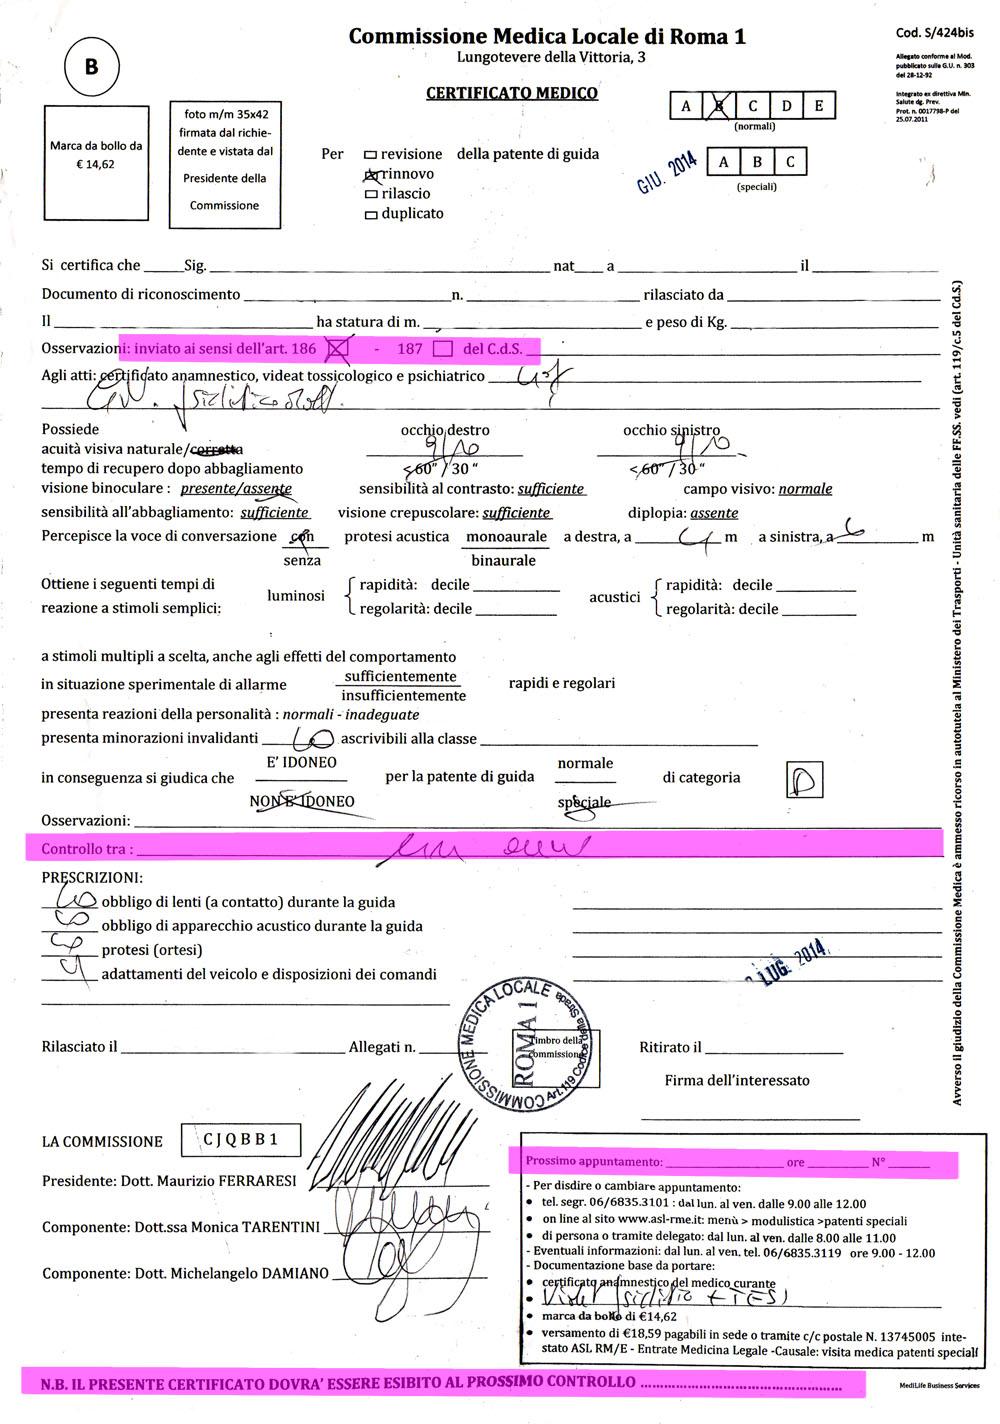 certificato commissione medica locale roma 1 2014